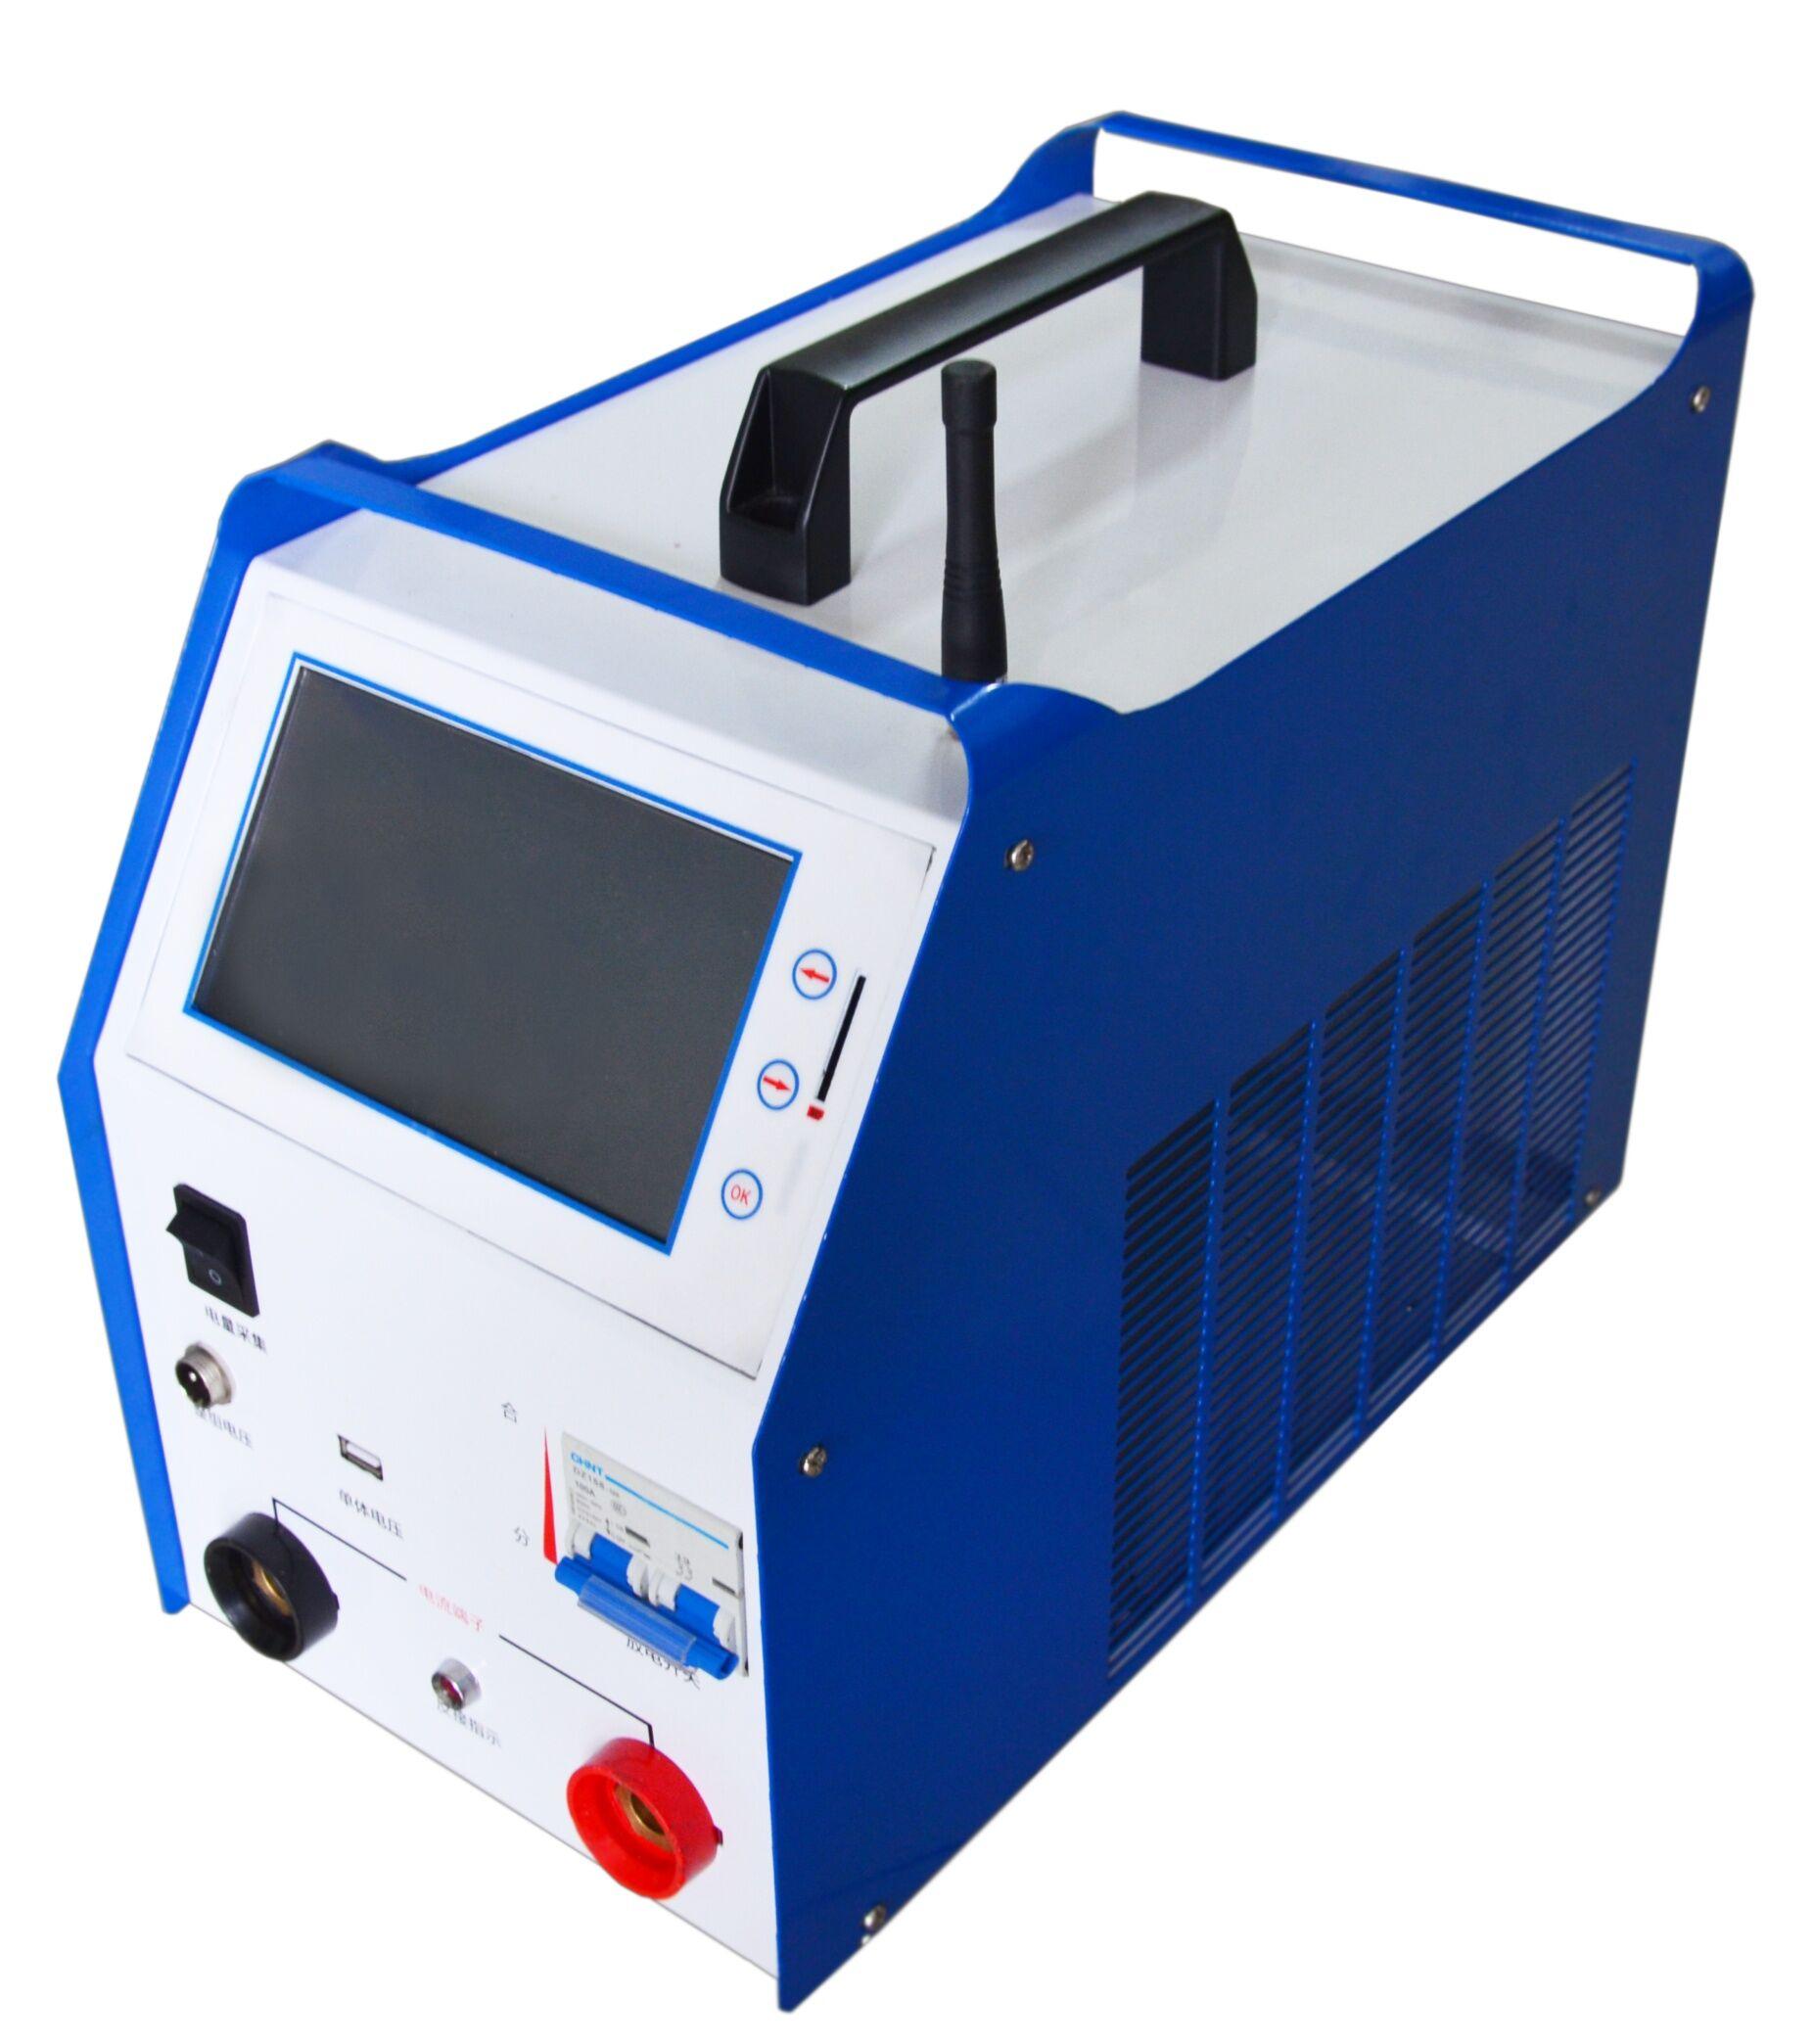 单体电池电压为1.2v-12v的铅酸蓄电池组进行测试的专用仪器.